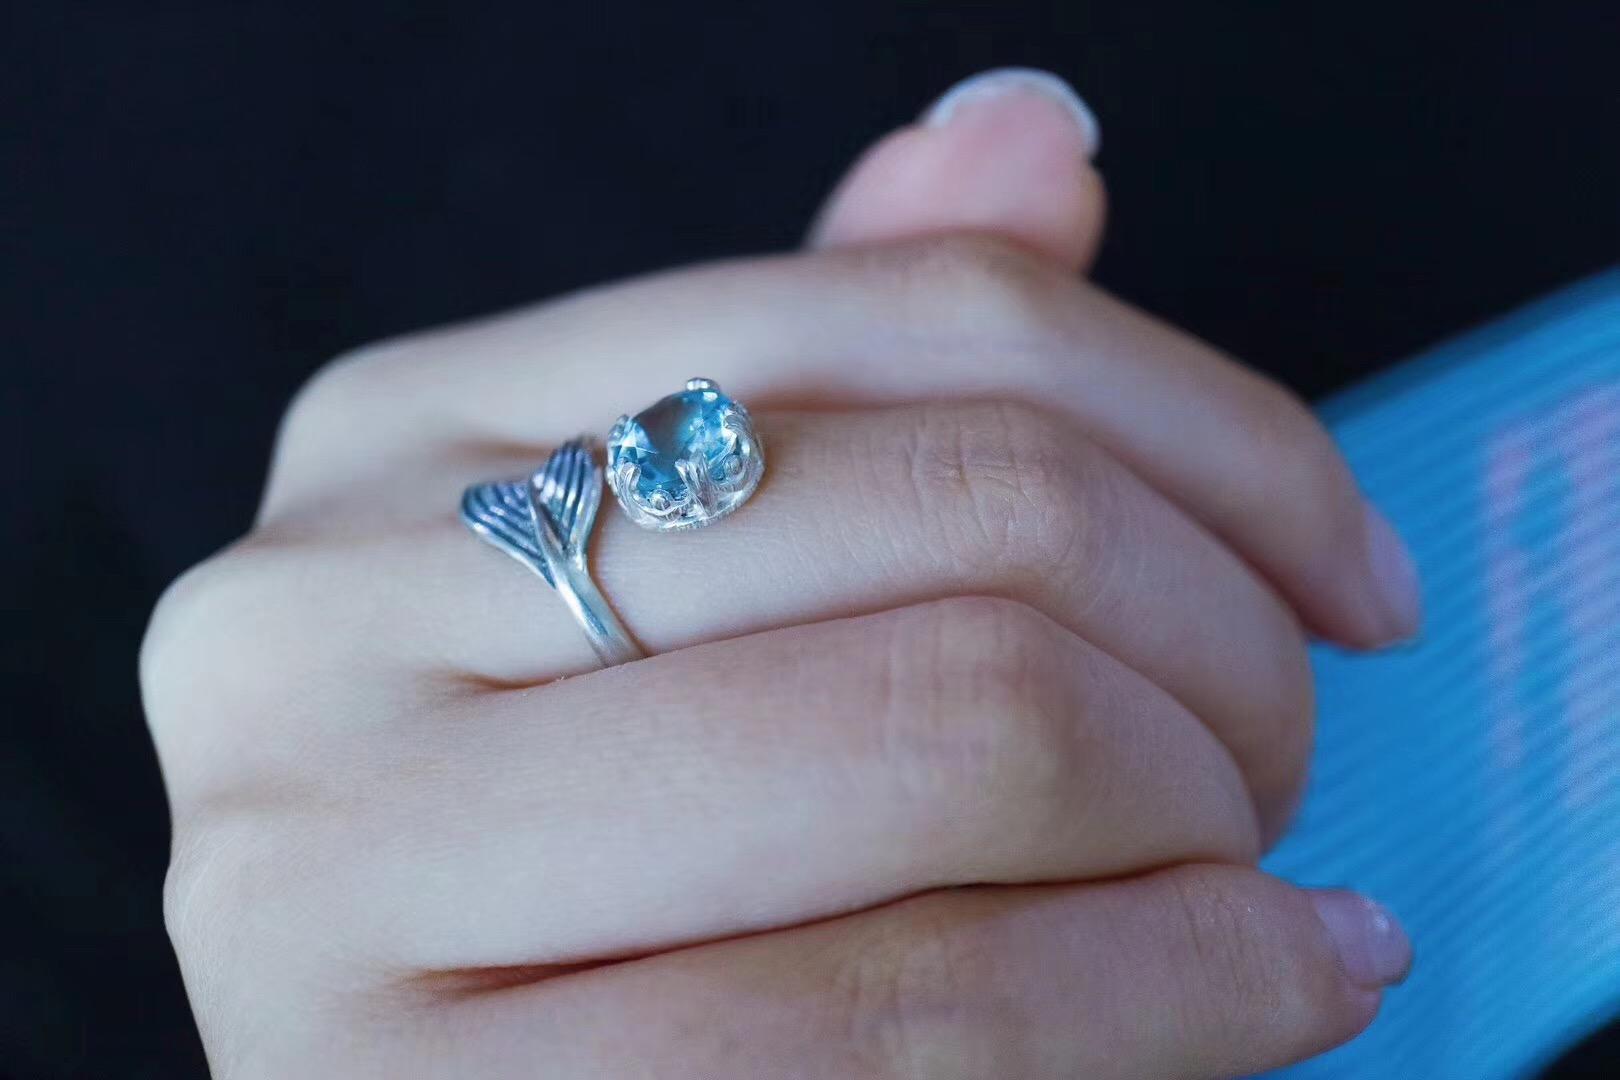 【菩心-海蓝宝戒指】纯手工可仙可仙的美人鱼尾戒-菩心晶舍